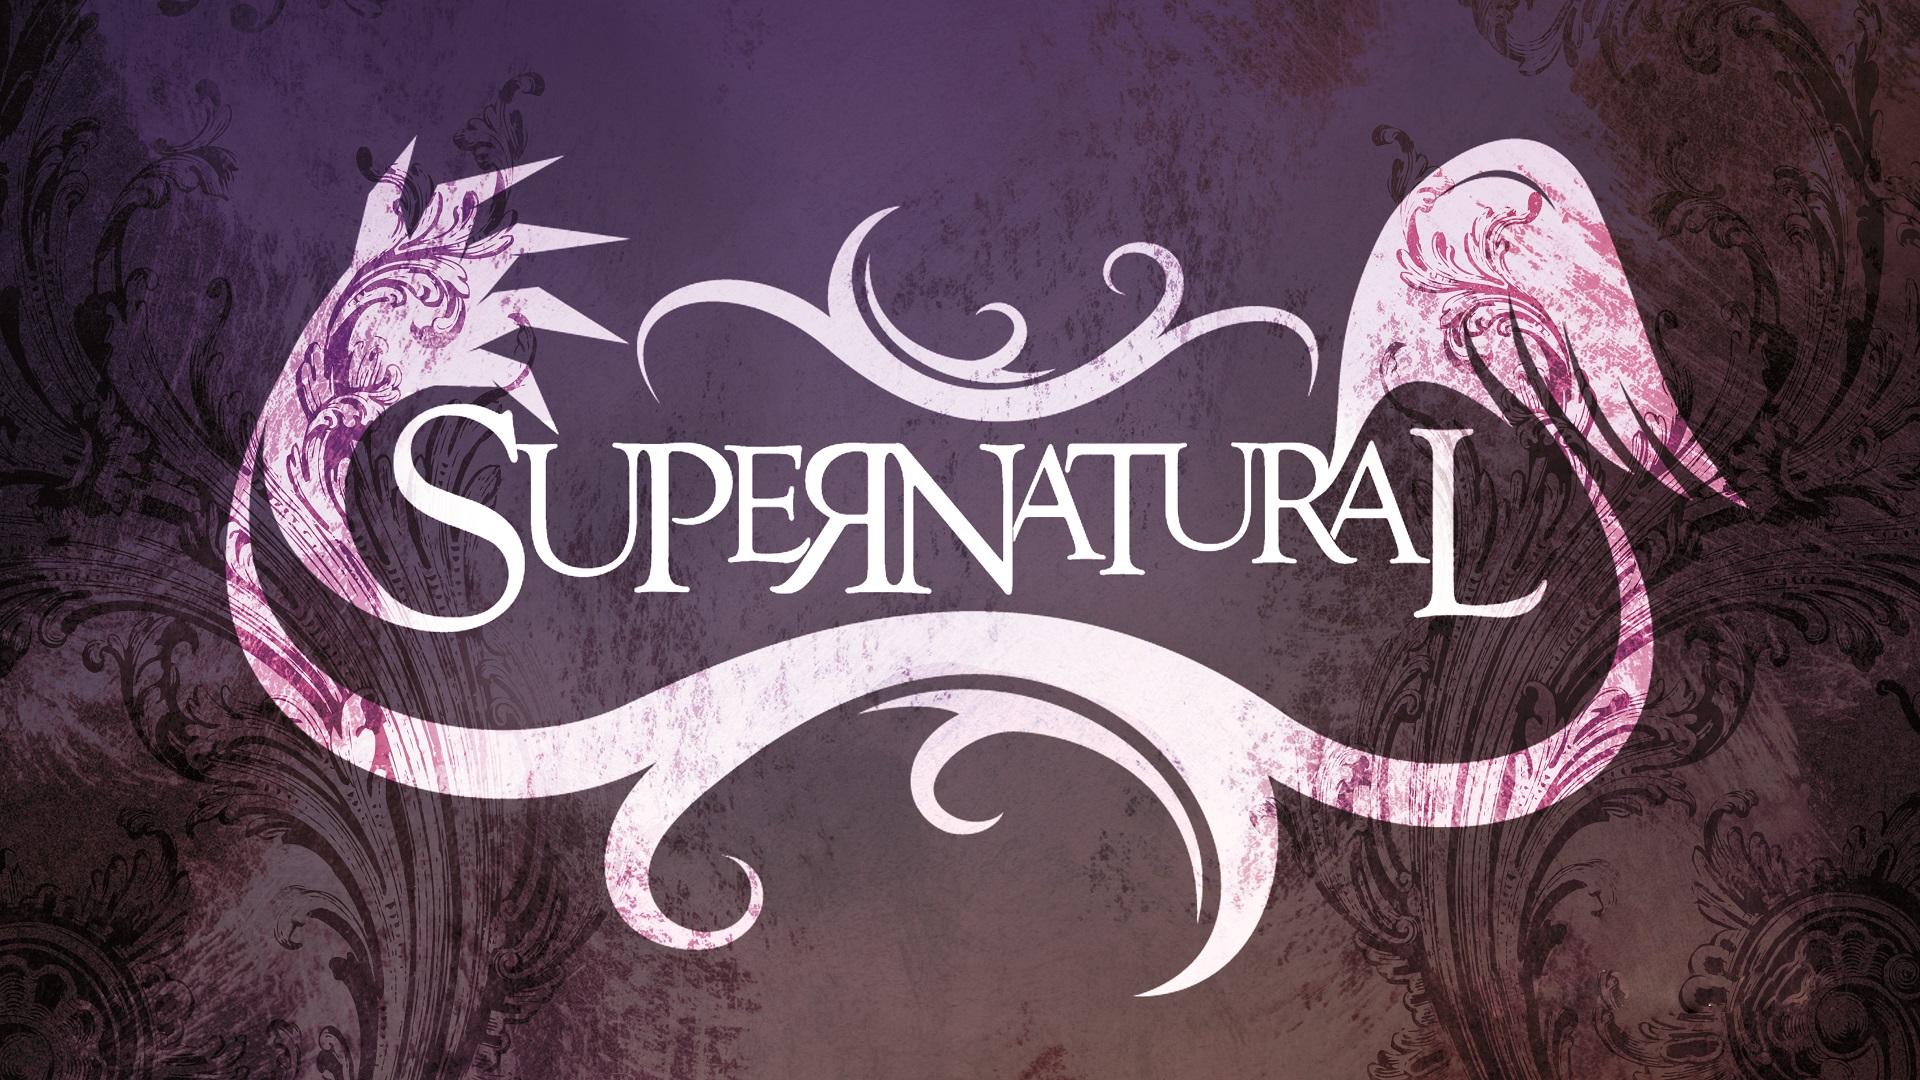 - Supernatural 2: Spirit Lead UsSeptember 29, 2019Speaker: Jim Dunn